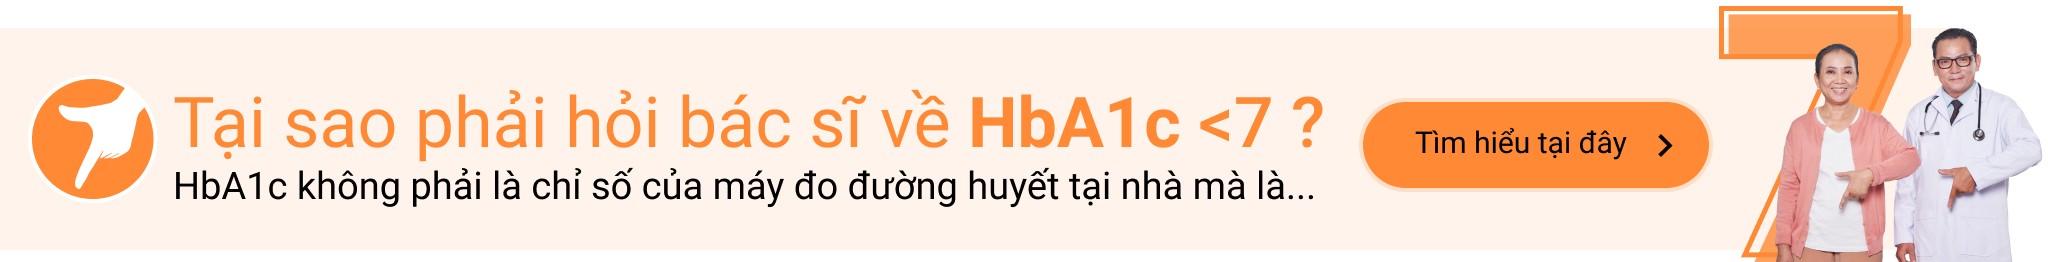 Tại sao phải hỏi bác sĩ về HbA1c <7?